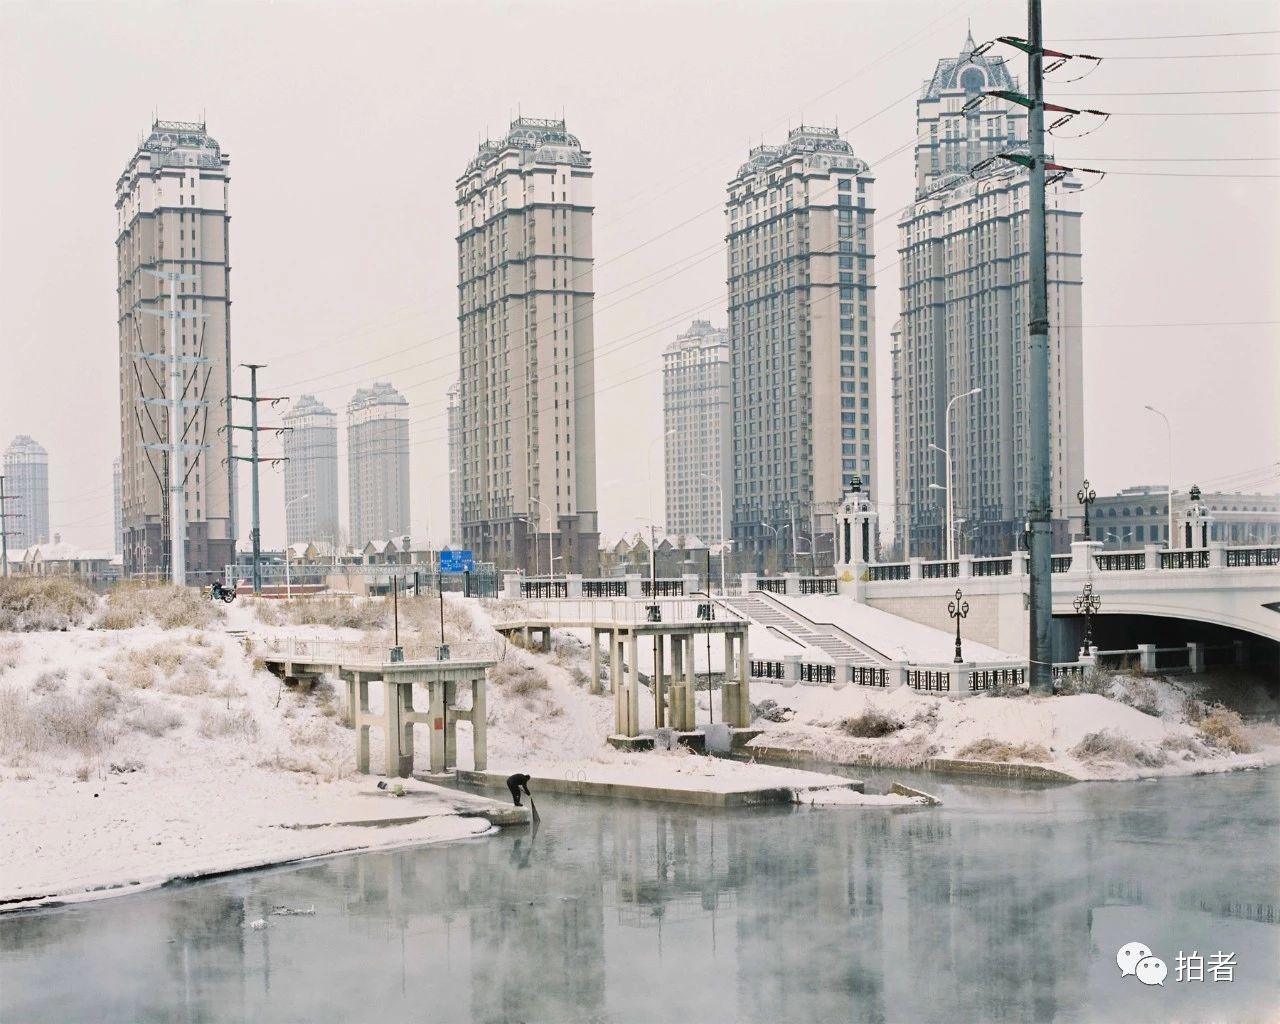 雪国江湖里的东北影像档案图片